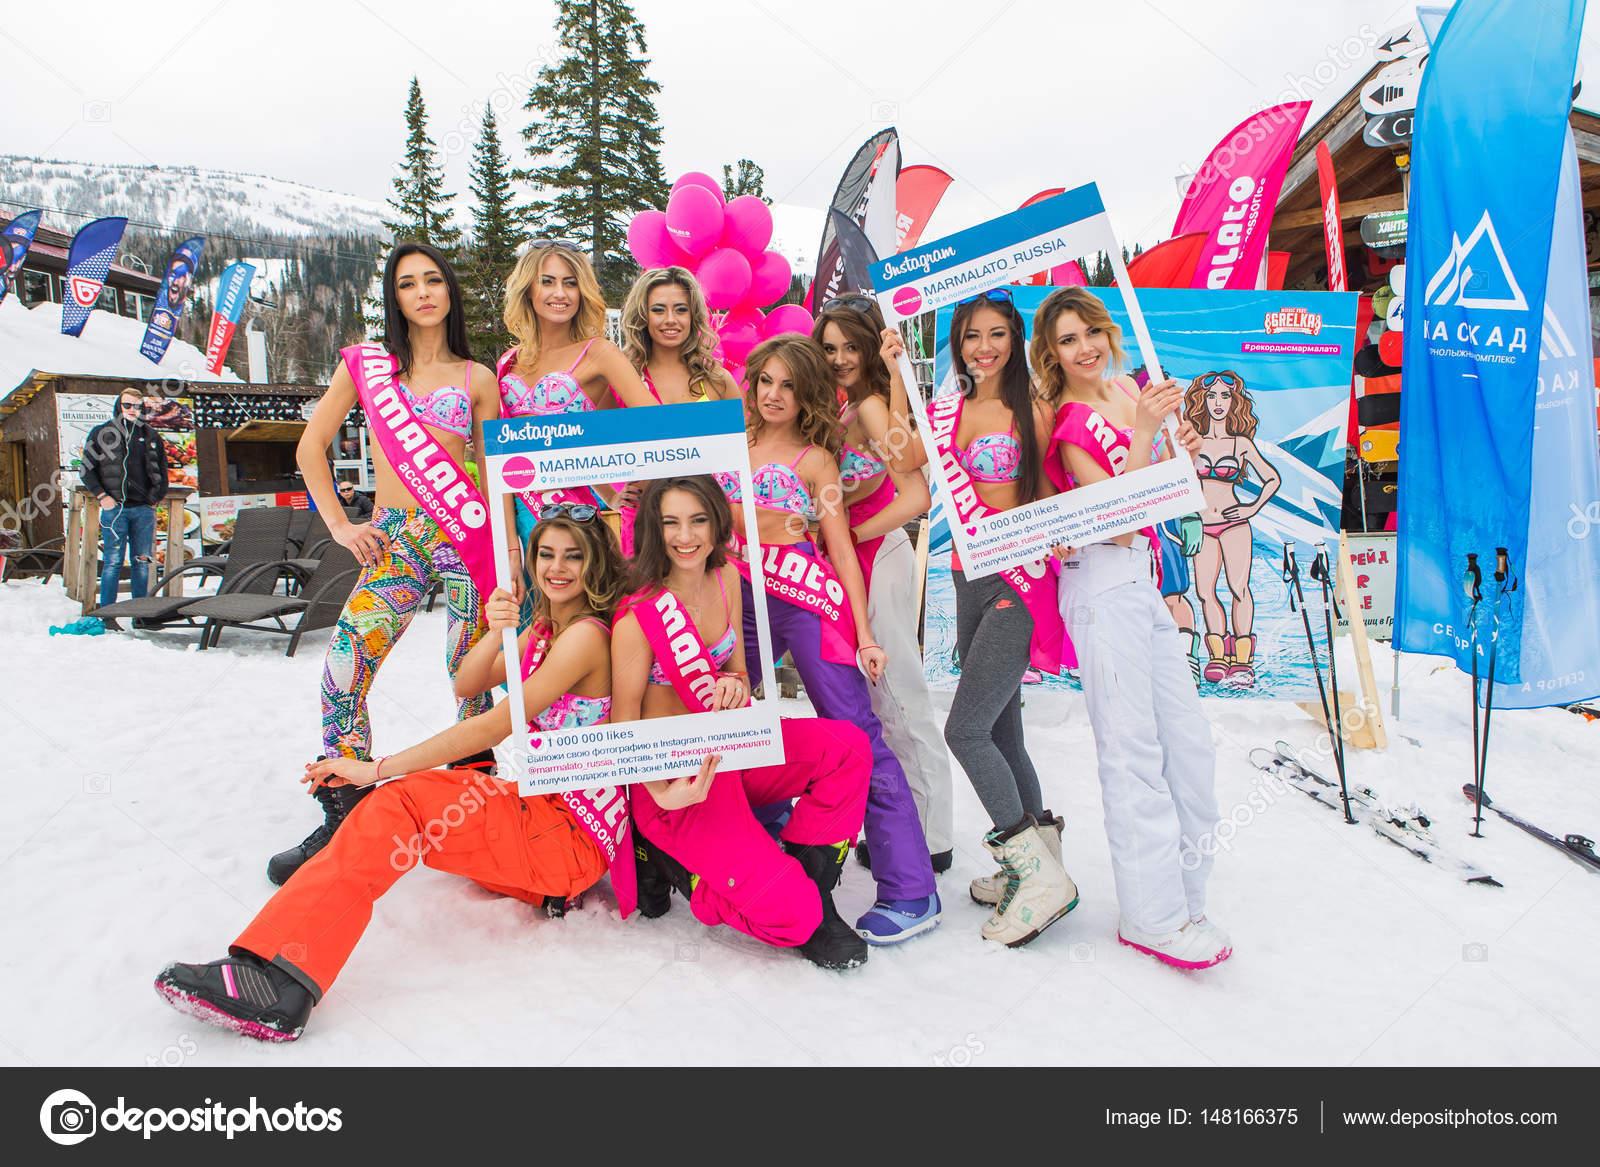 Gruppe von jungen glücklich hübsche Frauen in bunten Bikini mit ...